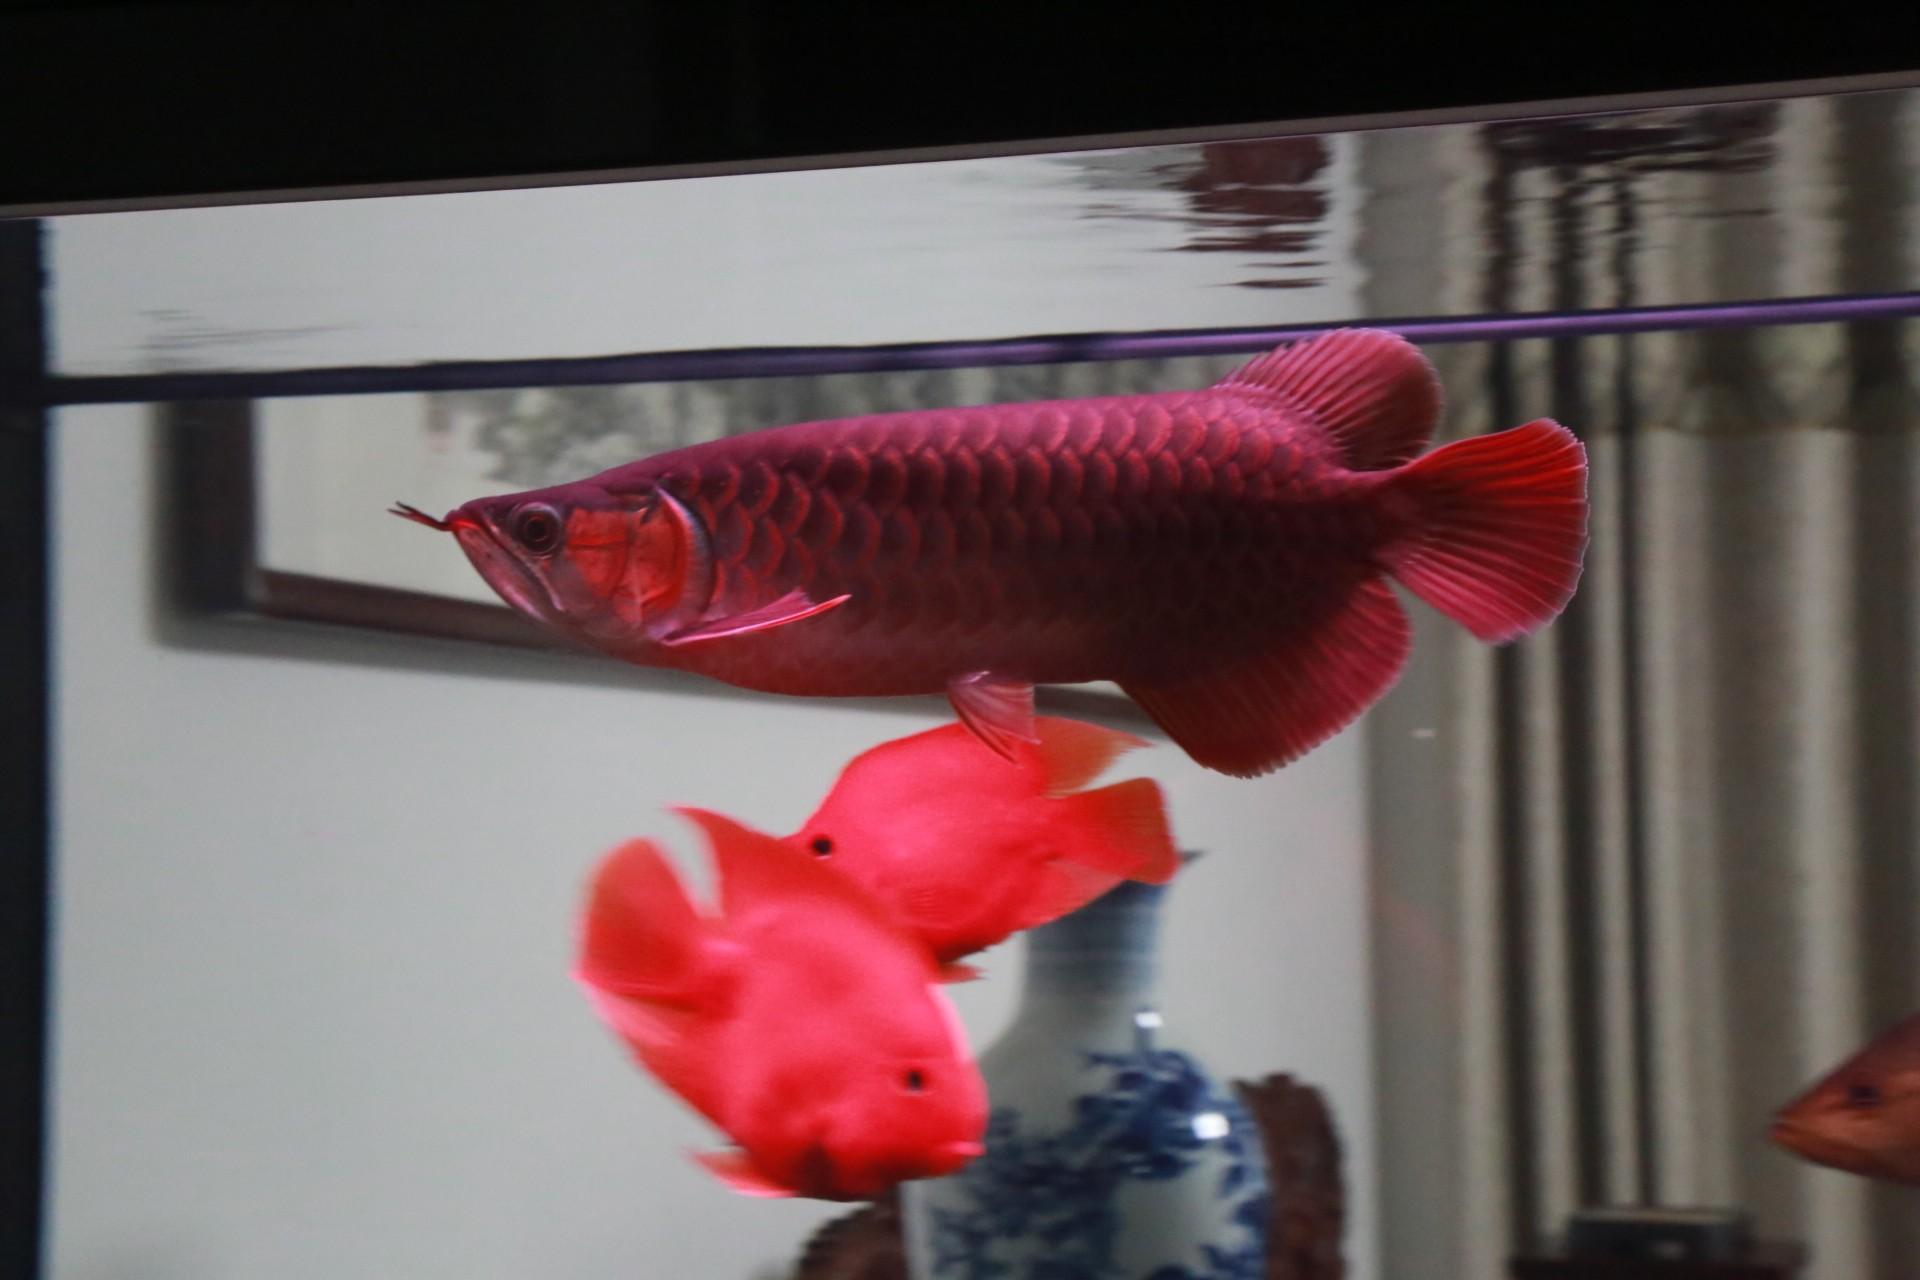 放假回家看鱼 渭南水族批发市场 渭南龙鱼第2张